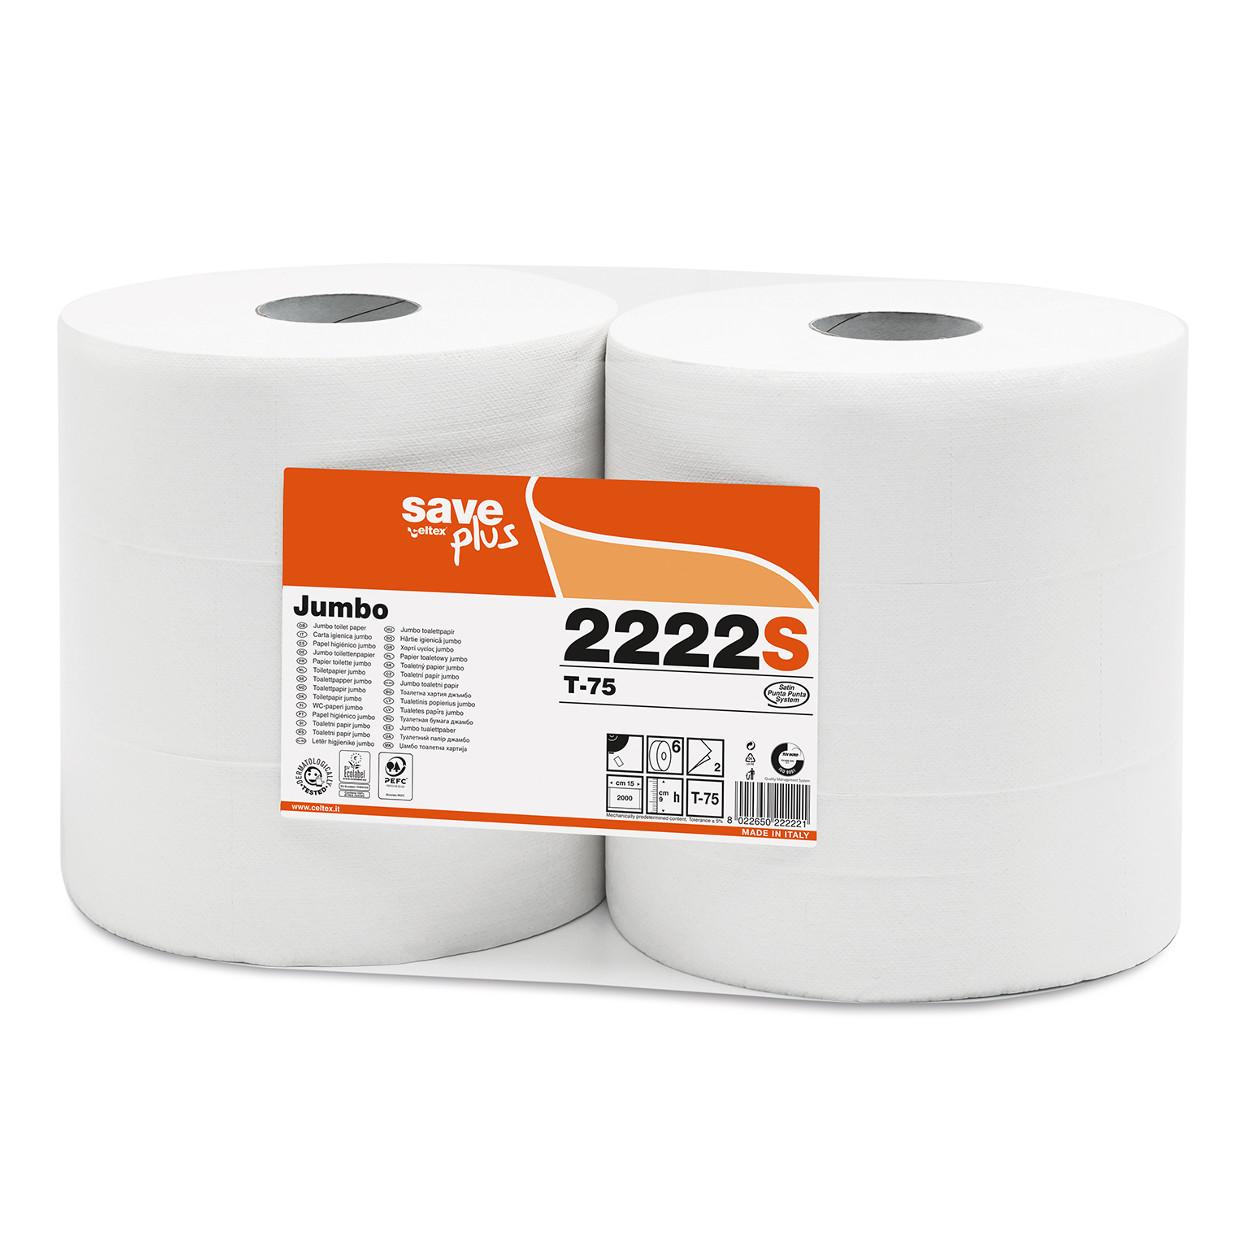 Toaletní papír Jumbo MAXI Plus